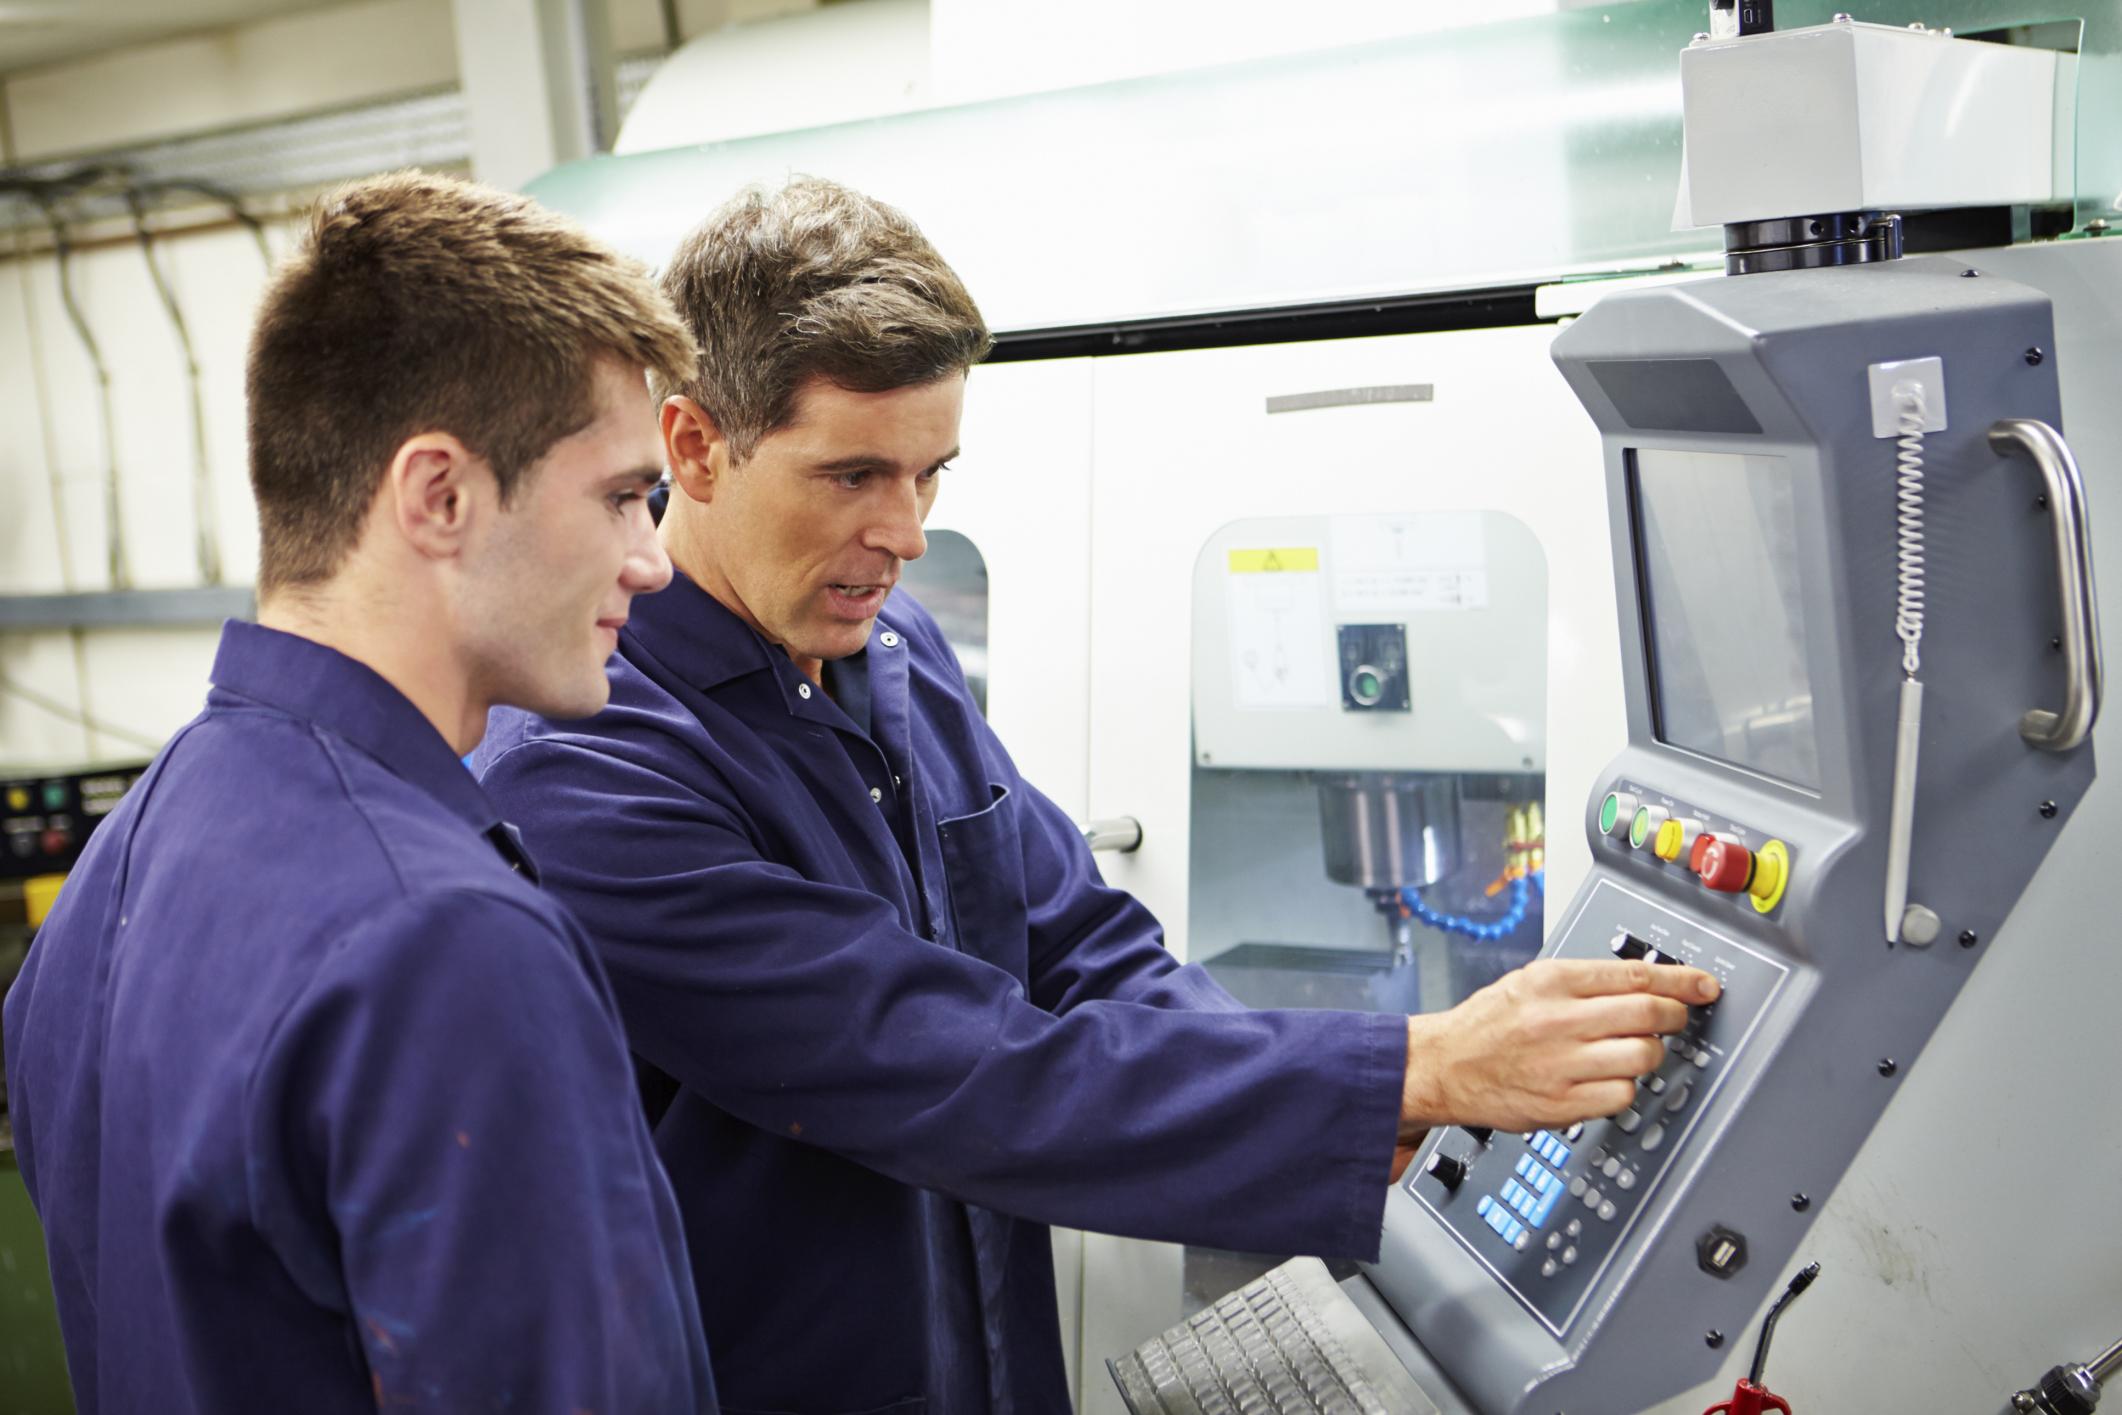 cnc programmer job description job description thumbnail pick 459152623 cnc programmer job descriptionhtml